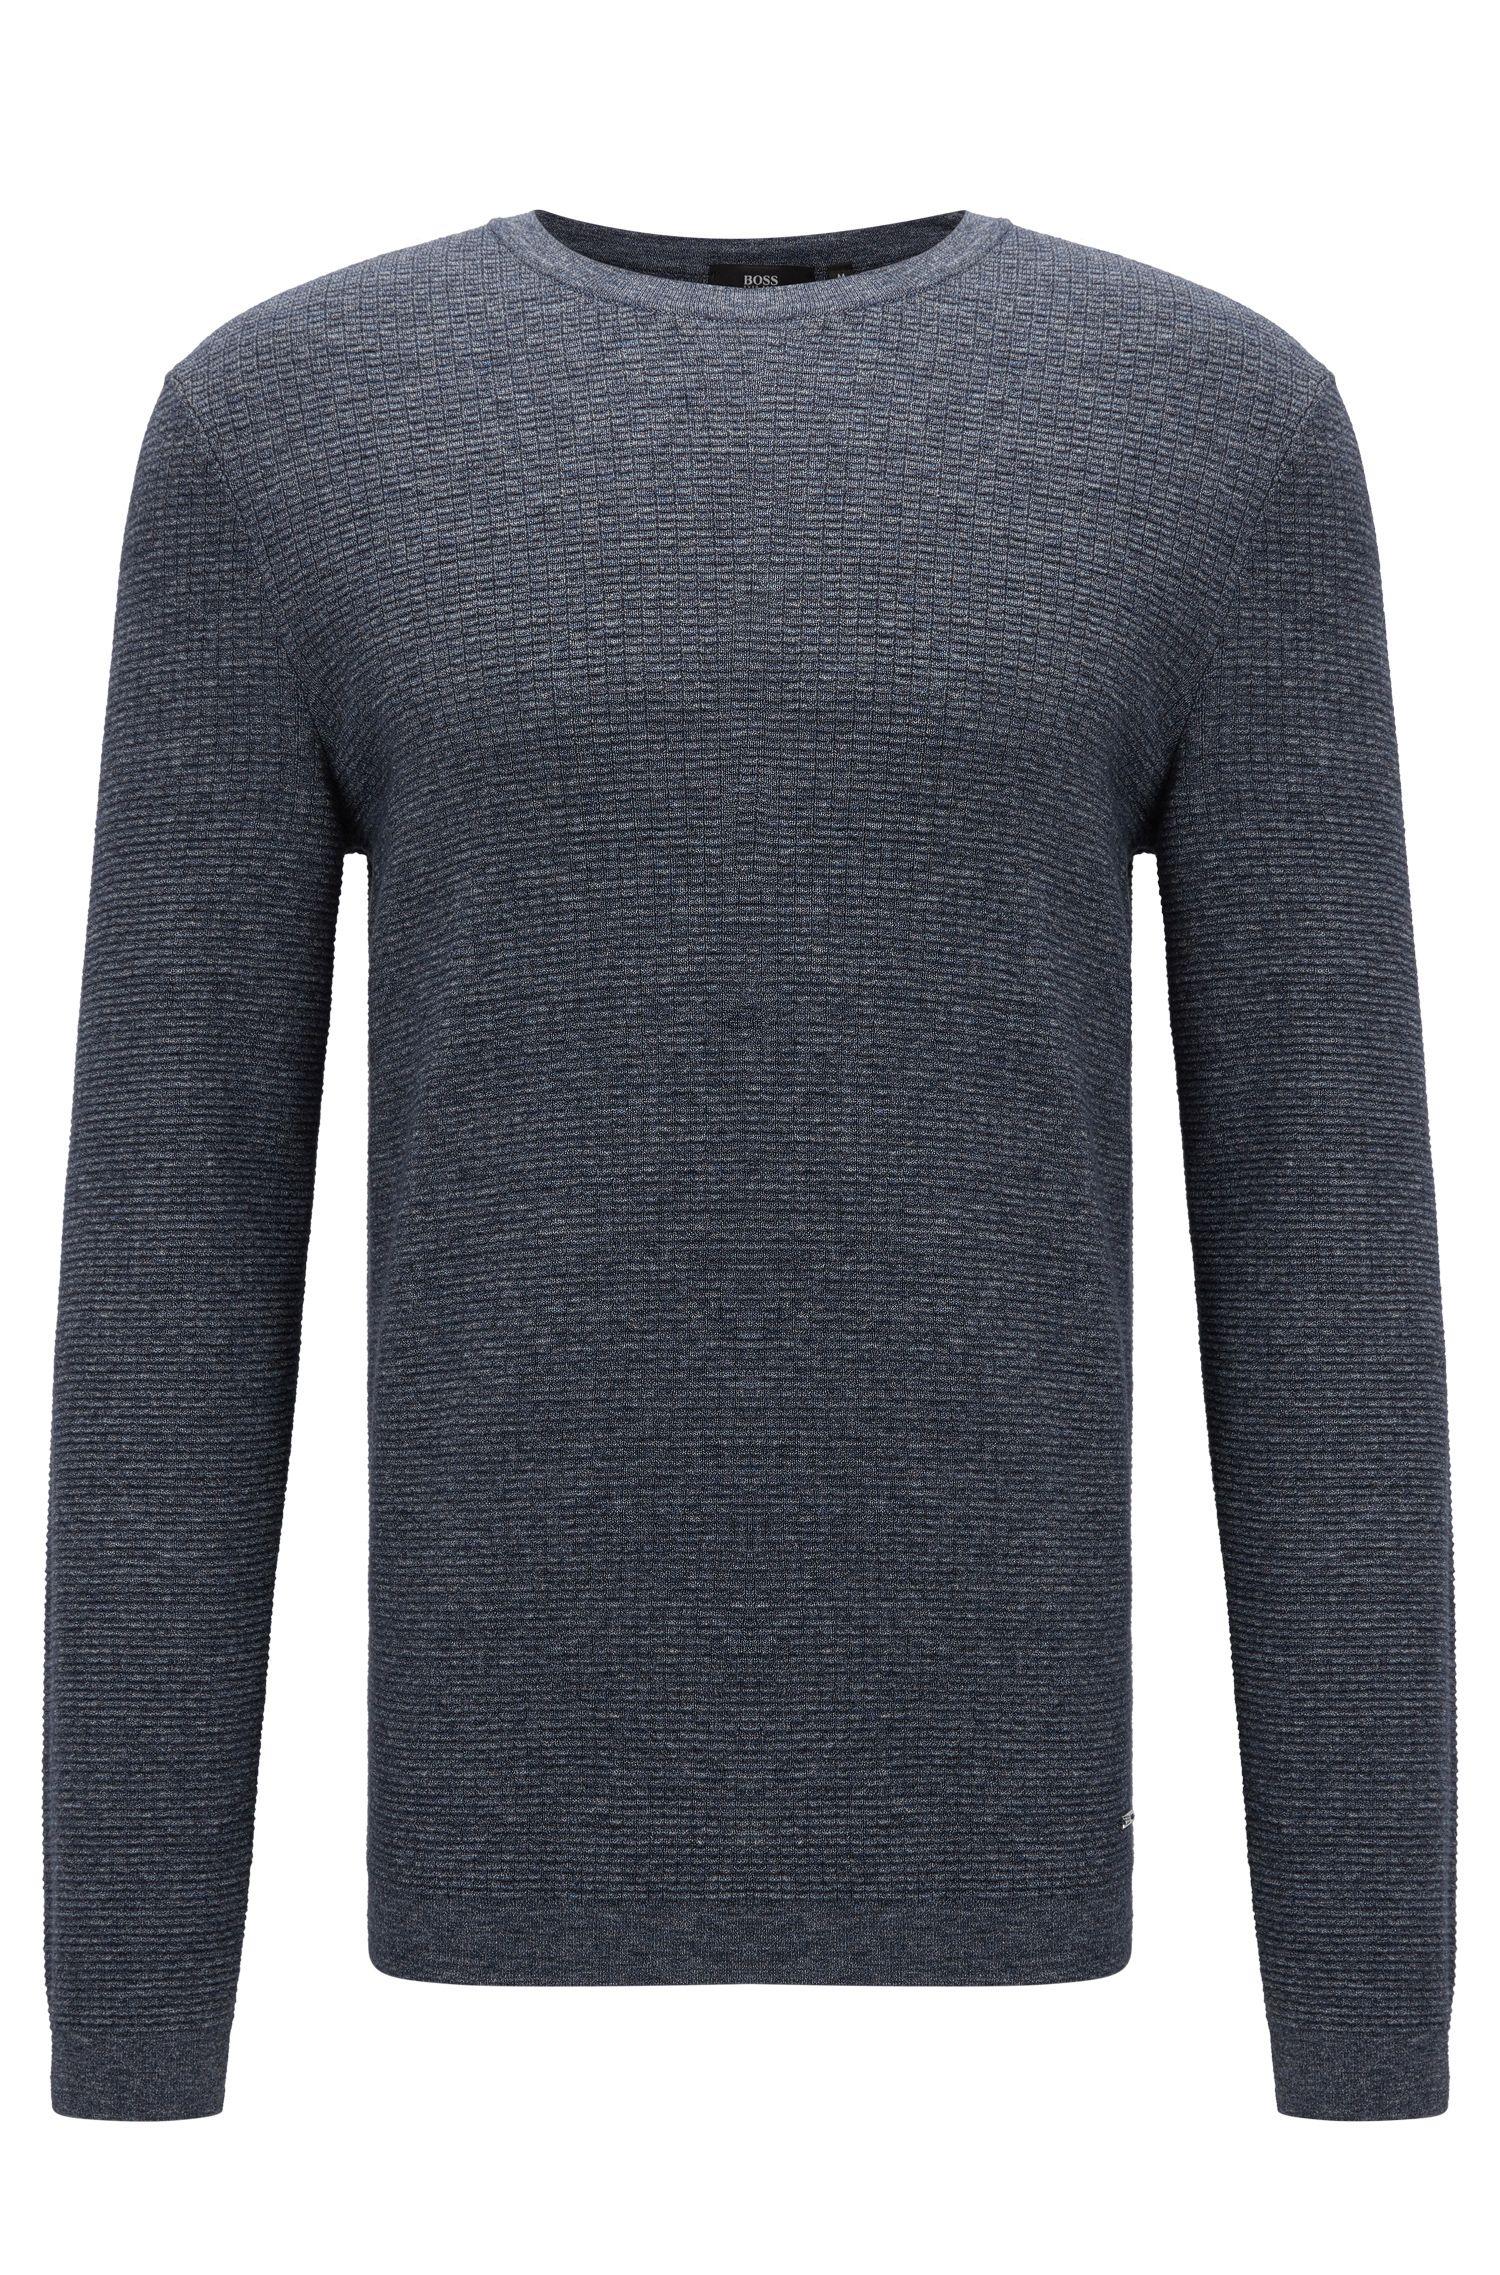 'Mustino' | Knit Cotton Sweater